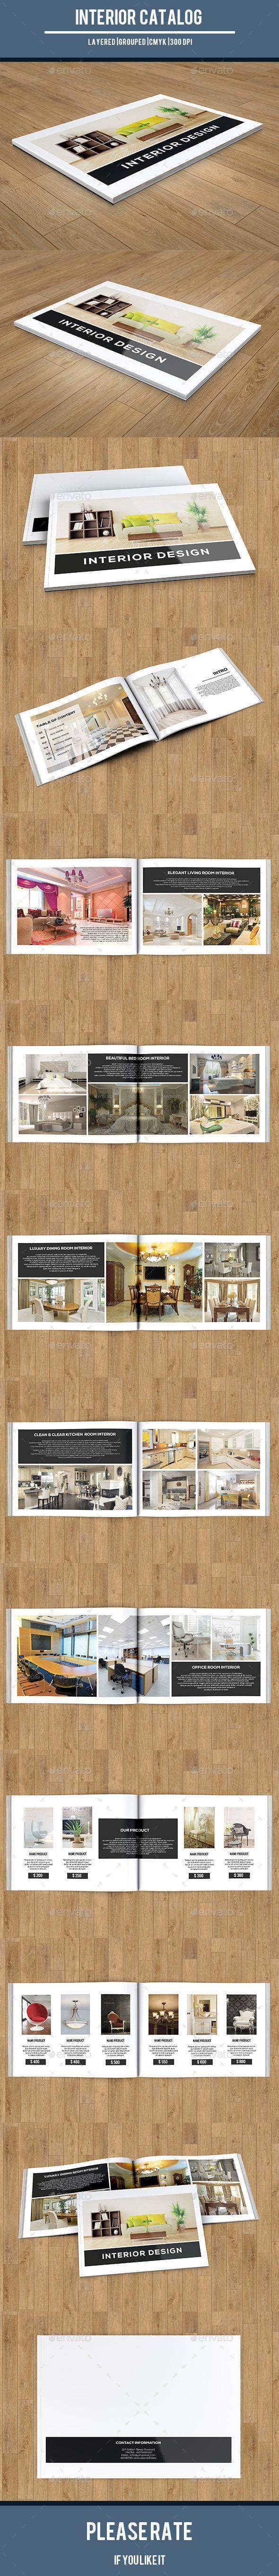 Interior Catalog Template-V152 - Catalogs Brochures